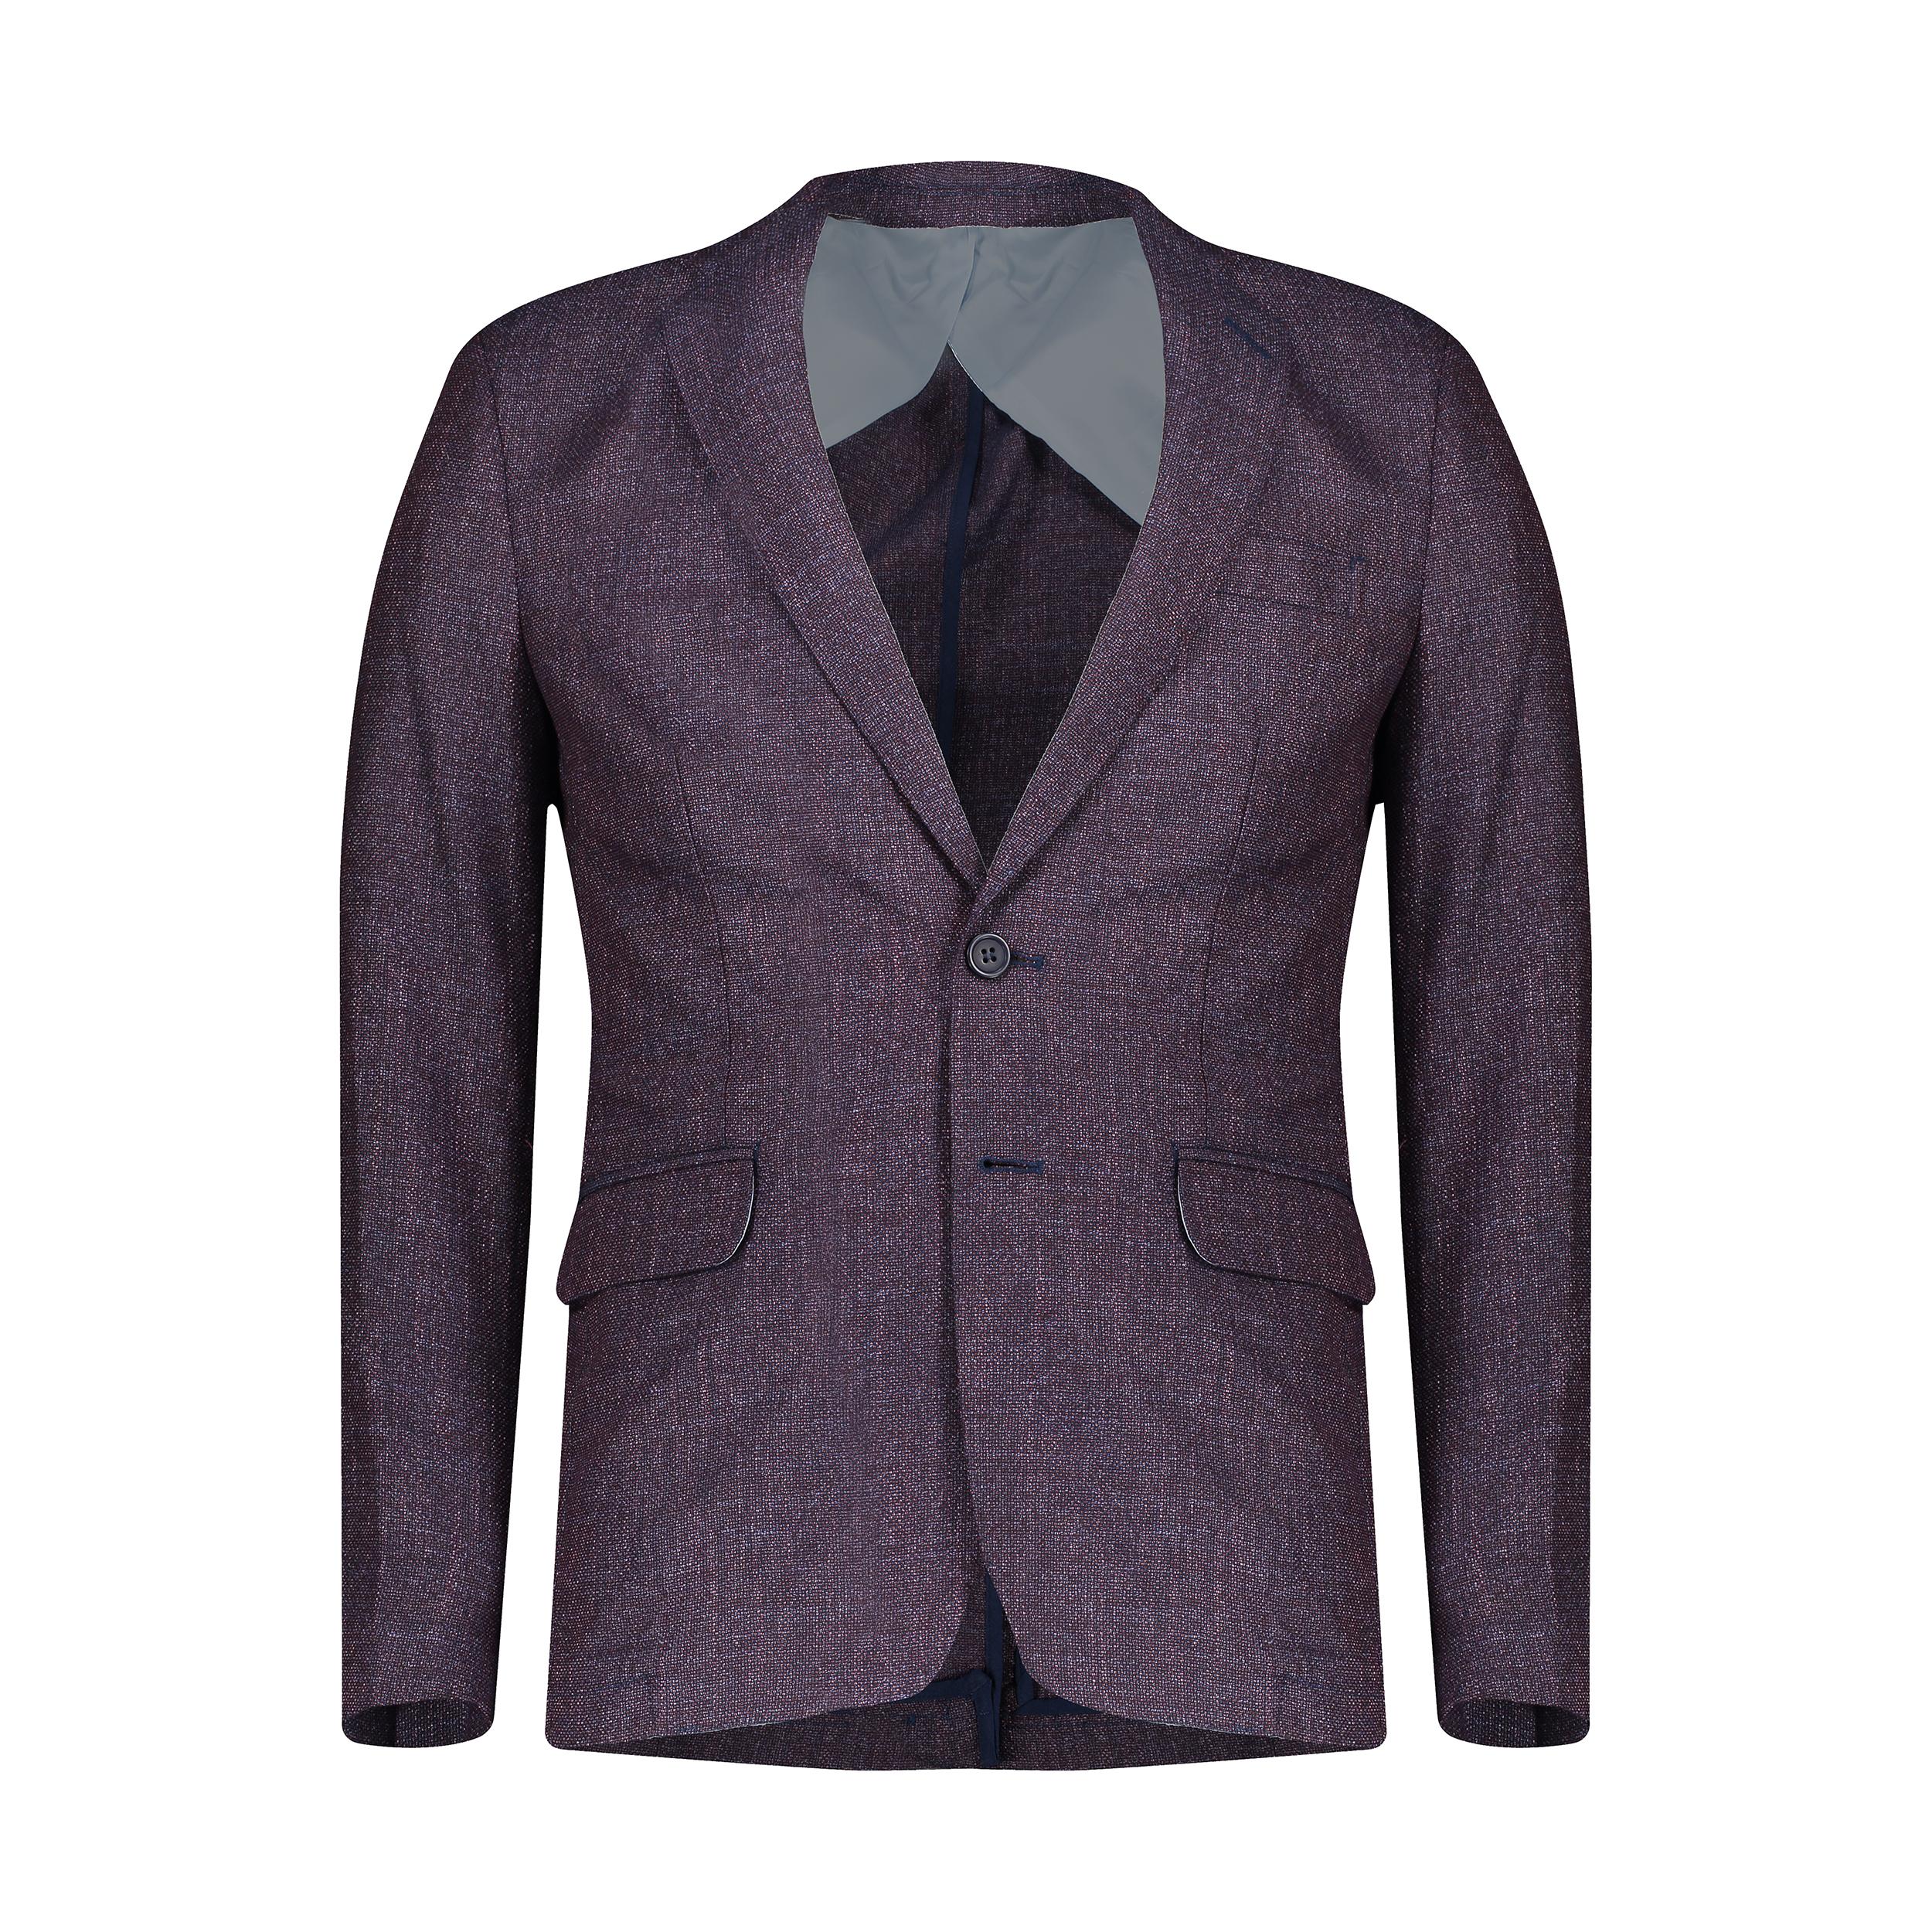 کت تک مردانه ادورا مدل 0215130